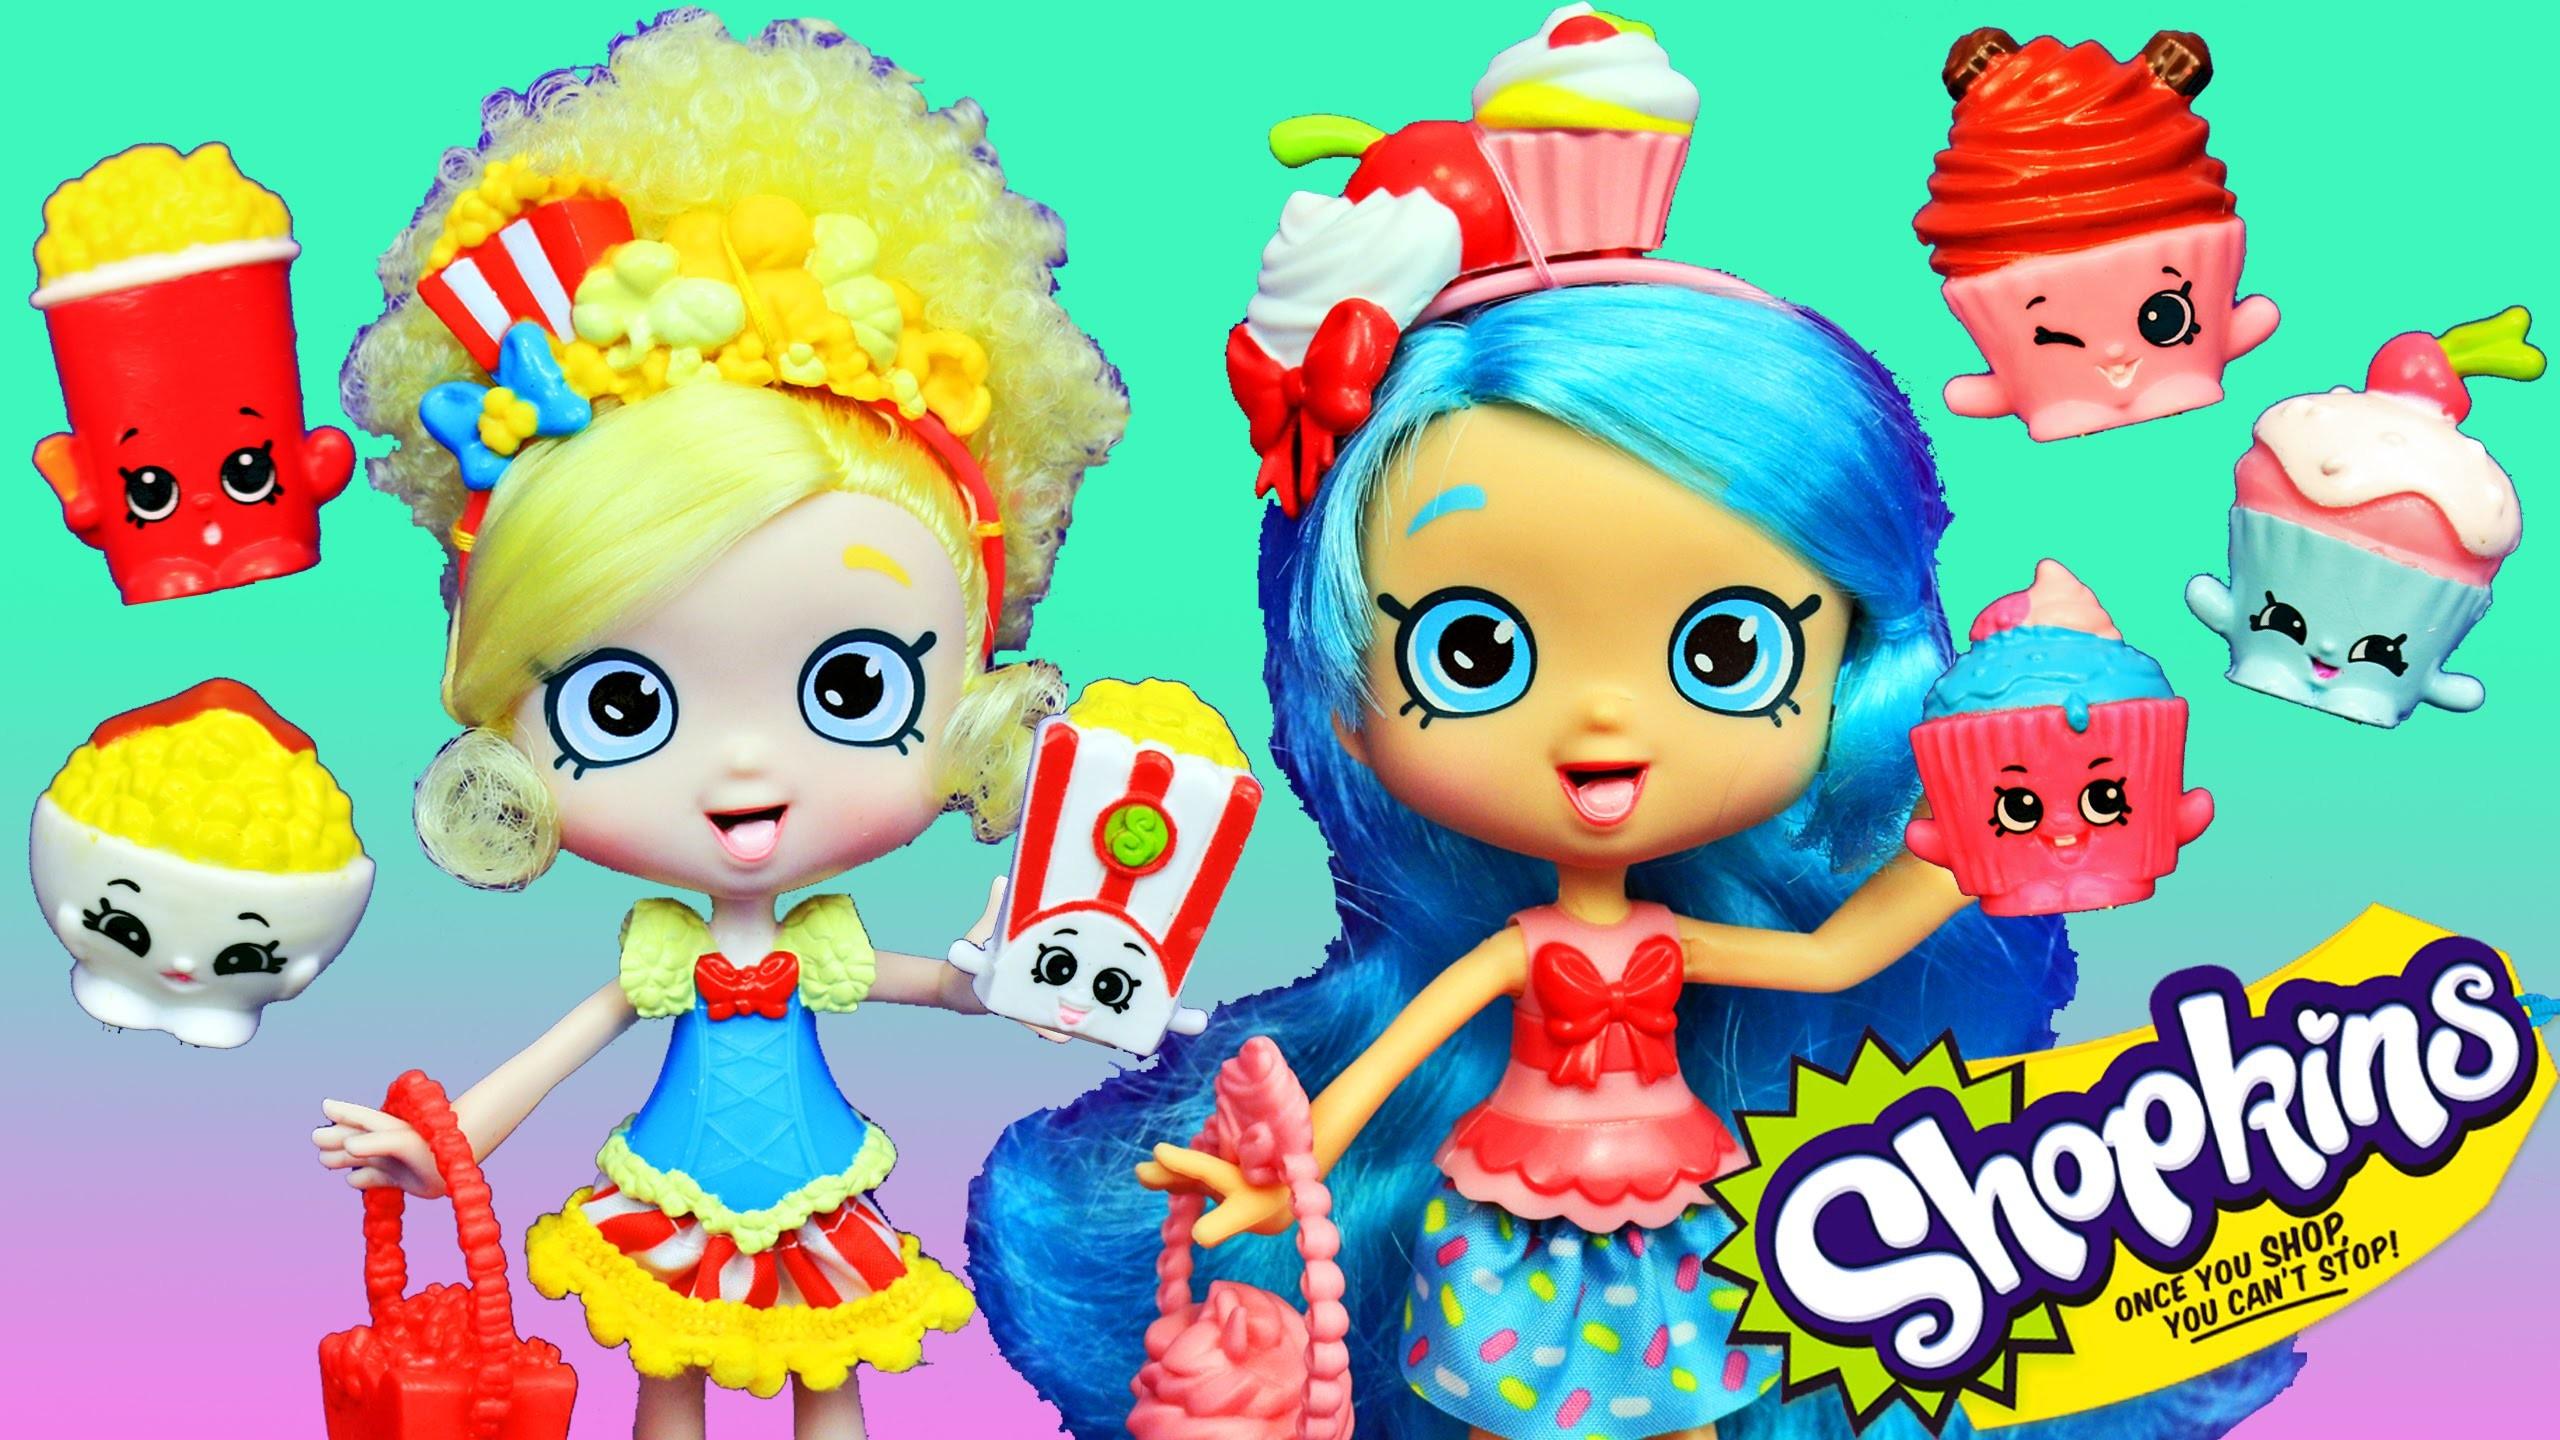 NEW SHOPKINS DOLLS!!! Shoppies Jessicake & Popette Season 4 New Toys +  Peppa Pig & Elsa – YouTube